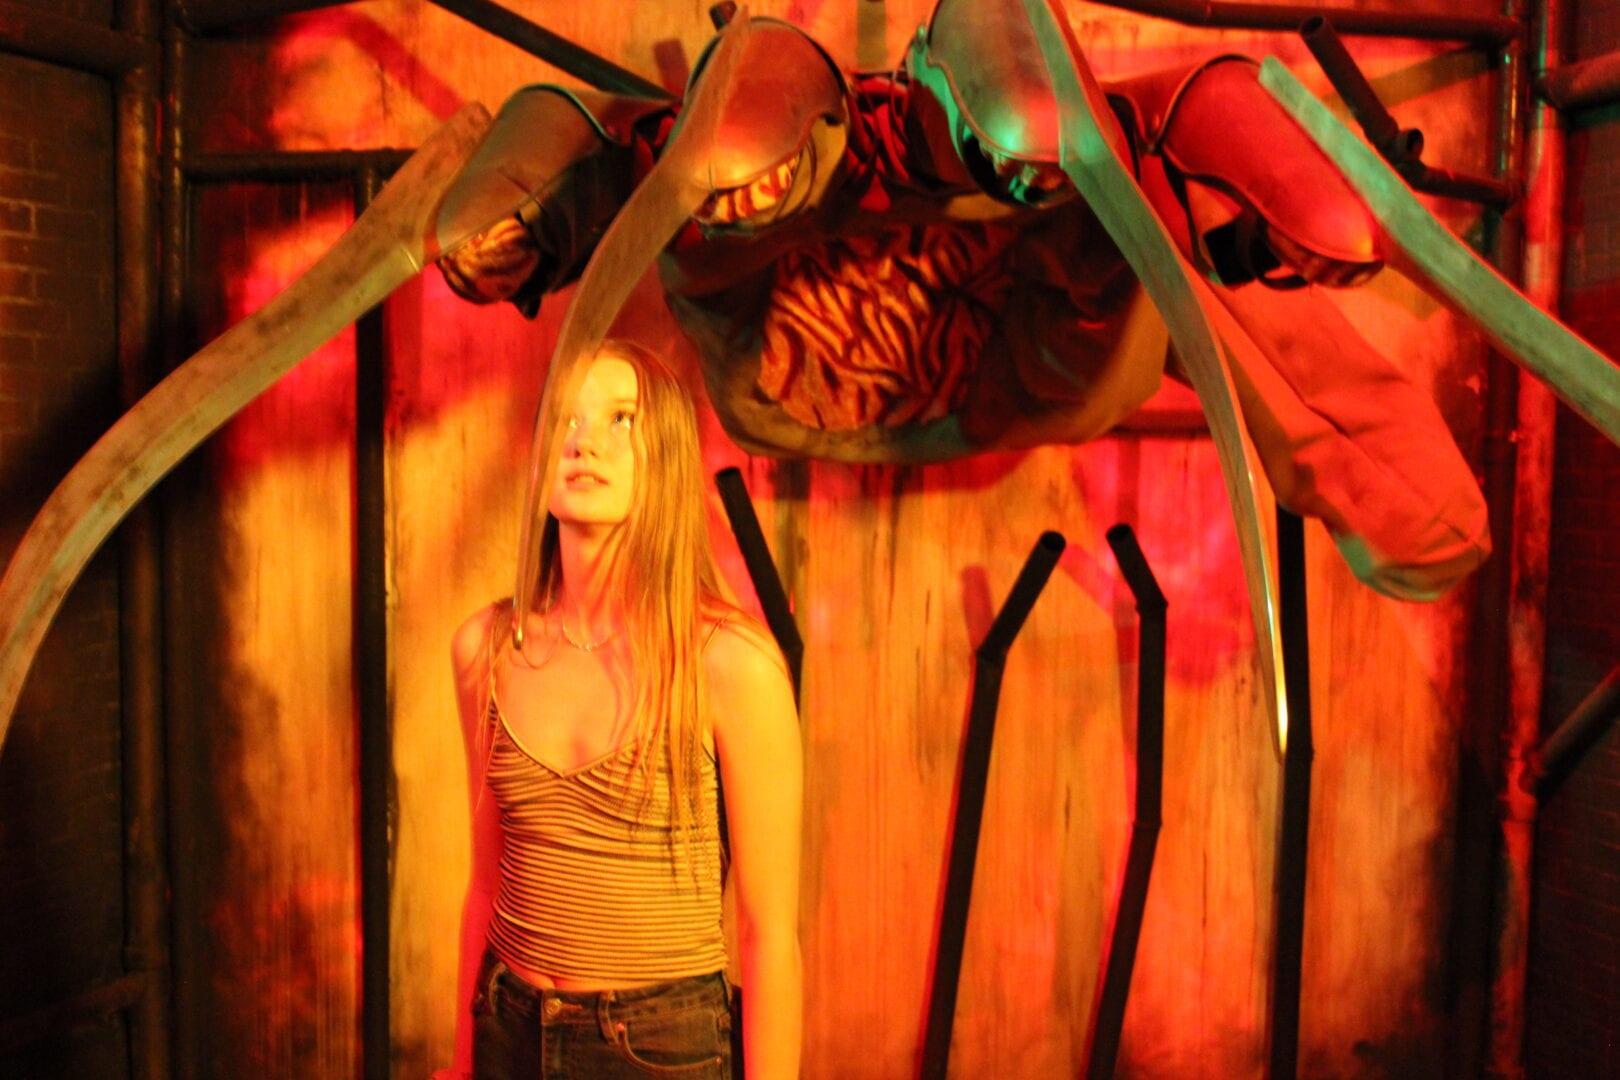 Freddy Krueger Riley Roberts Nightmare on Elm Street